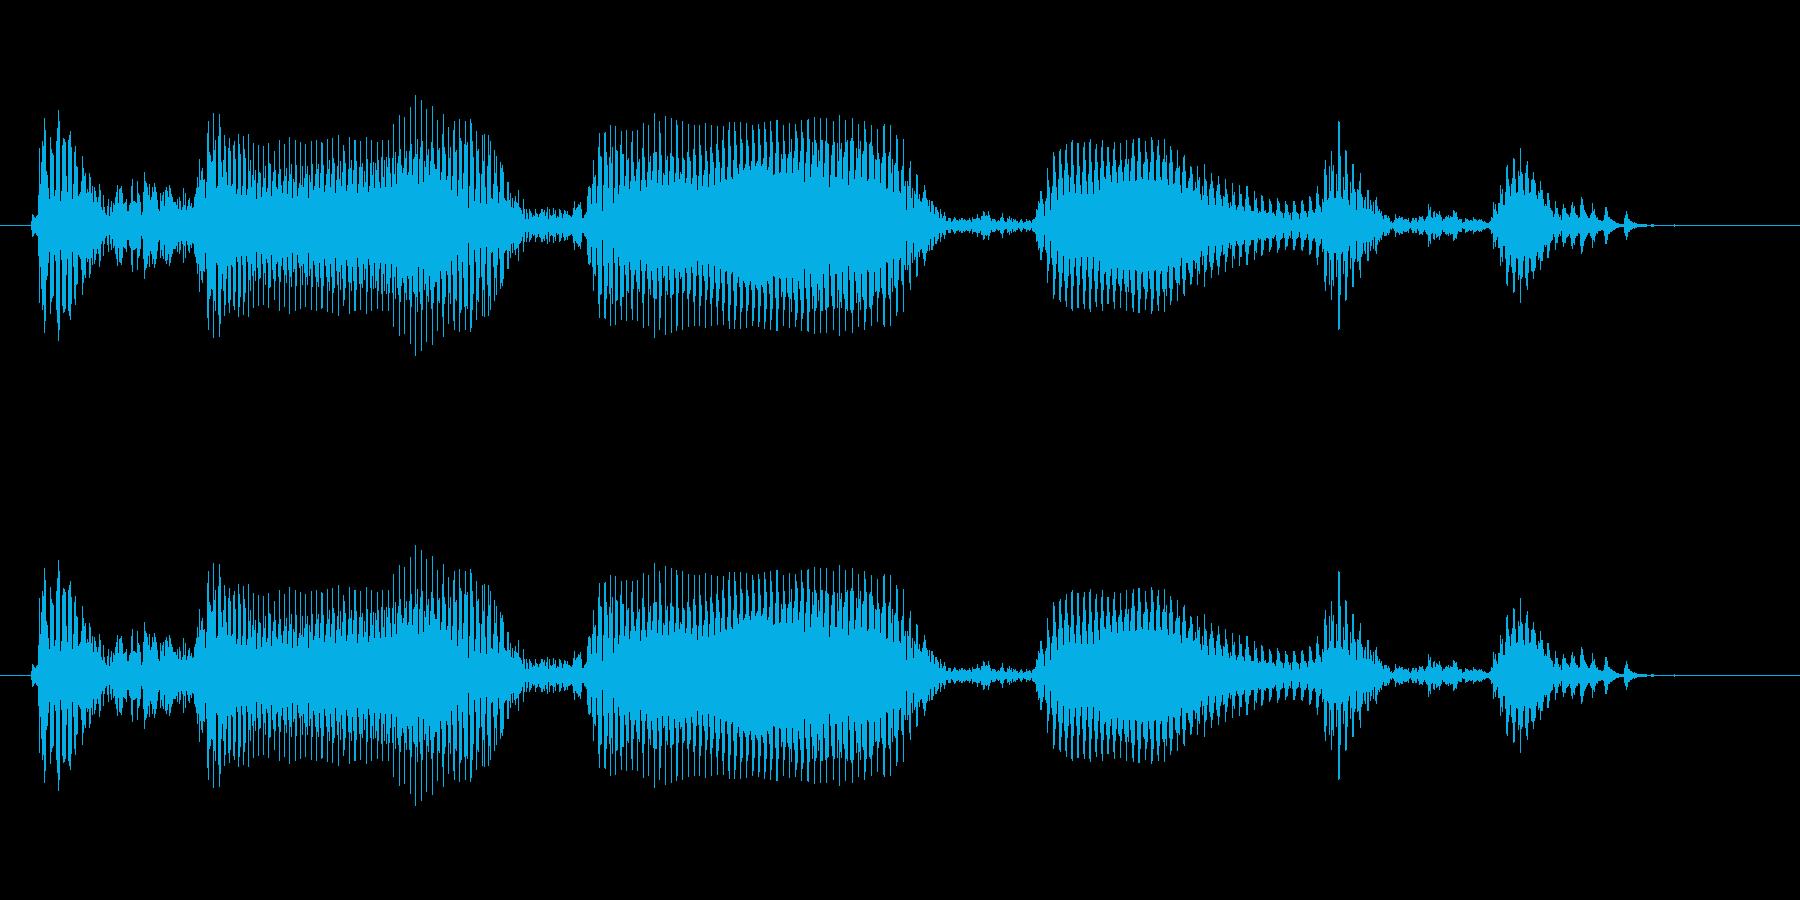 えへへへ 幼児(1~2歳)笑い声 の再生済みの波形